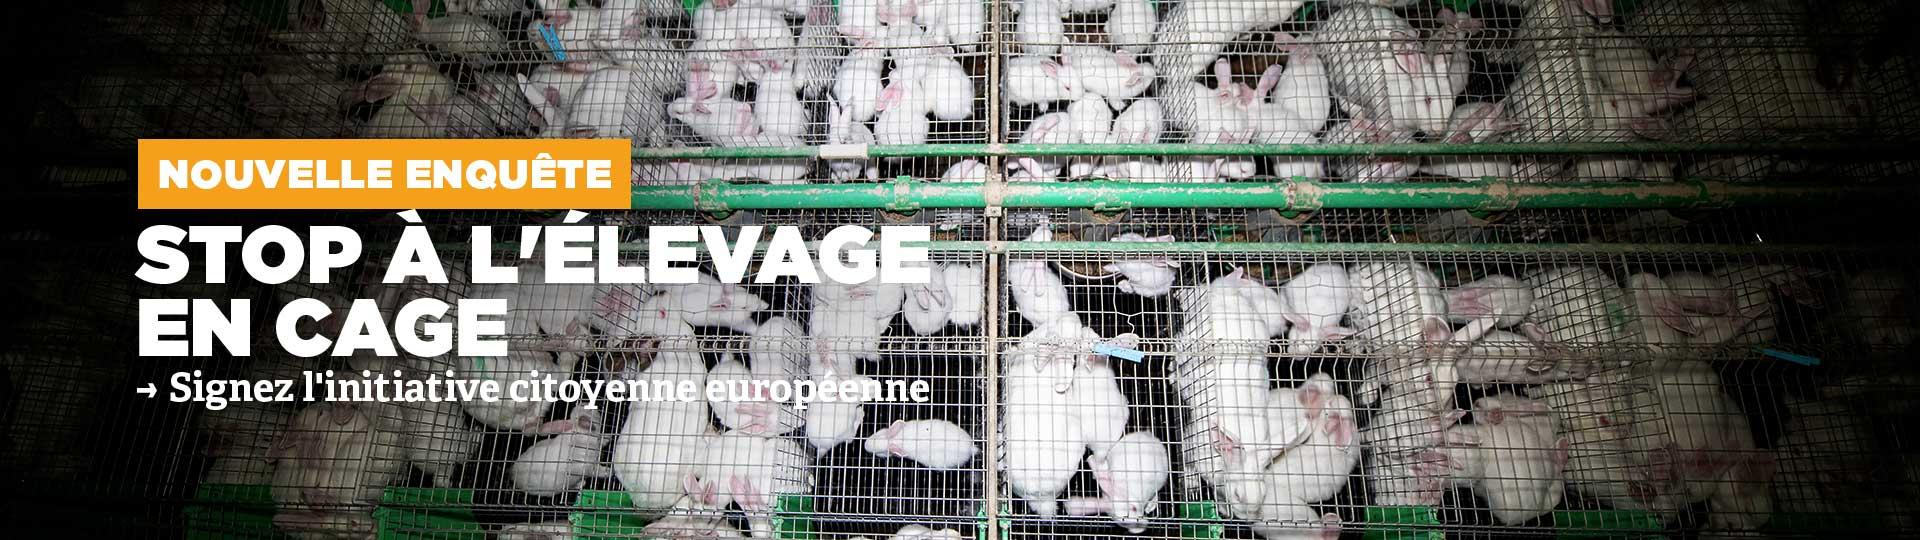 Enquête dans un élevage de lapins